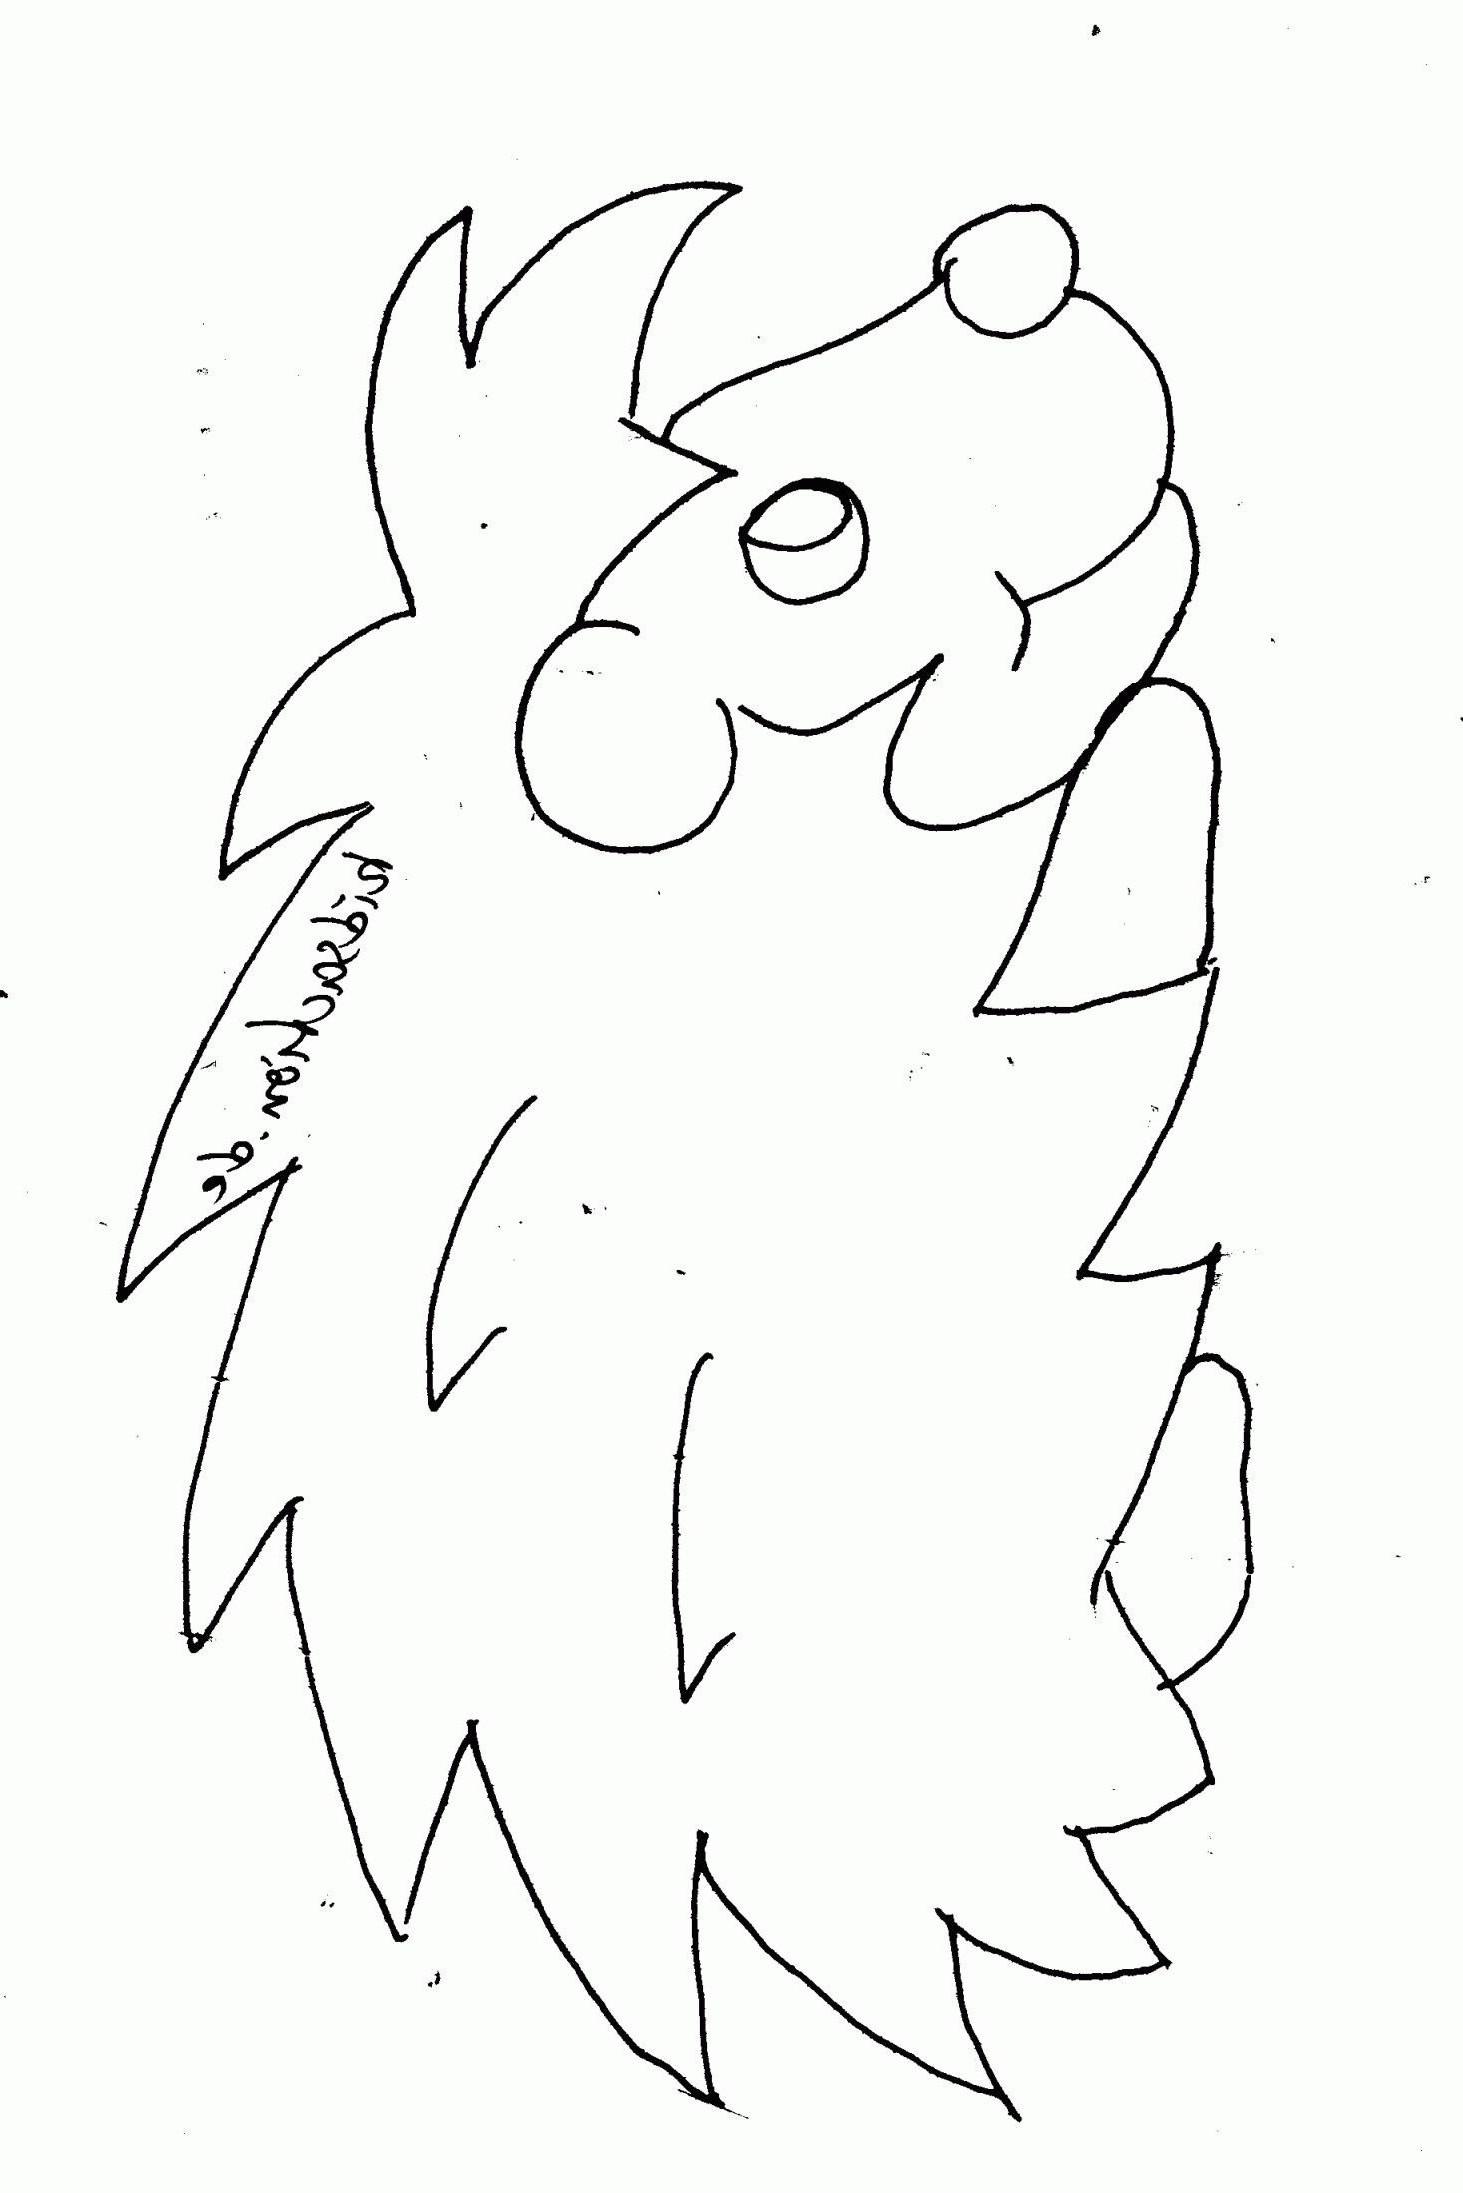 43 Frisch Ausmalbilder Osterei – Große Coloring Page Sammlung